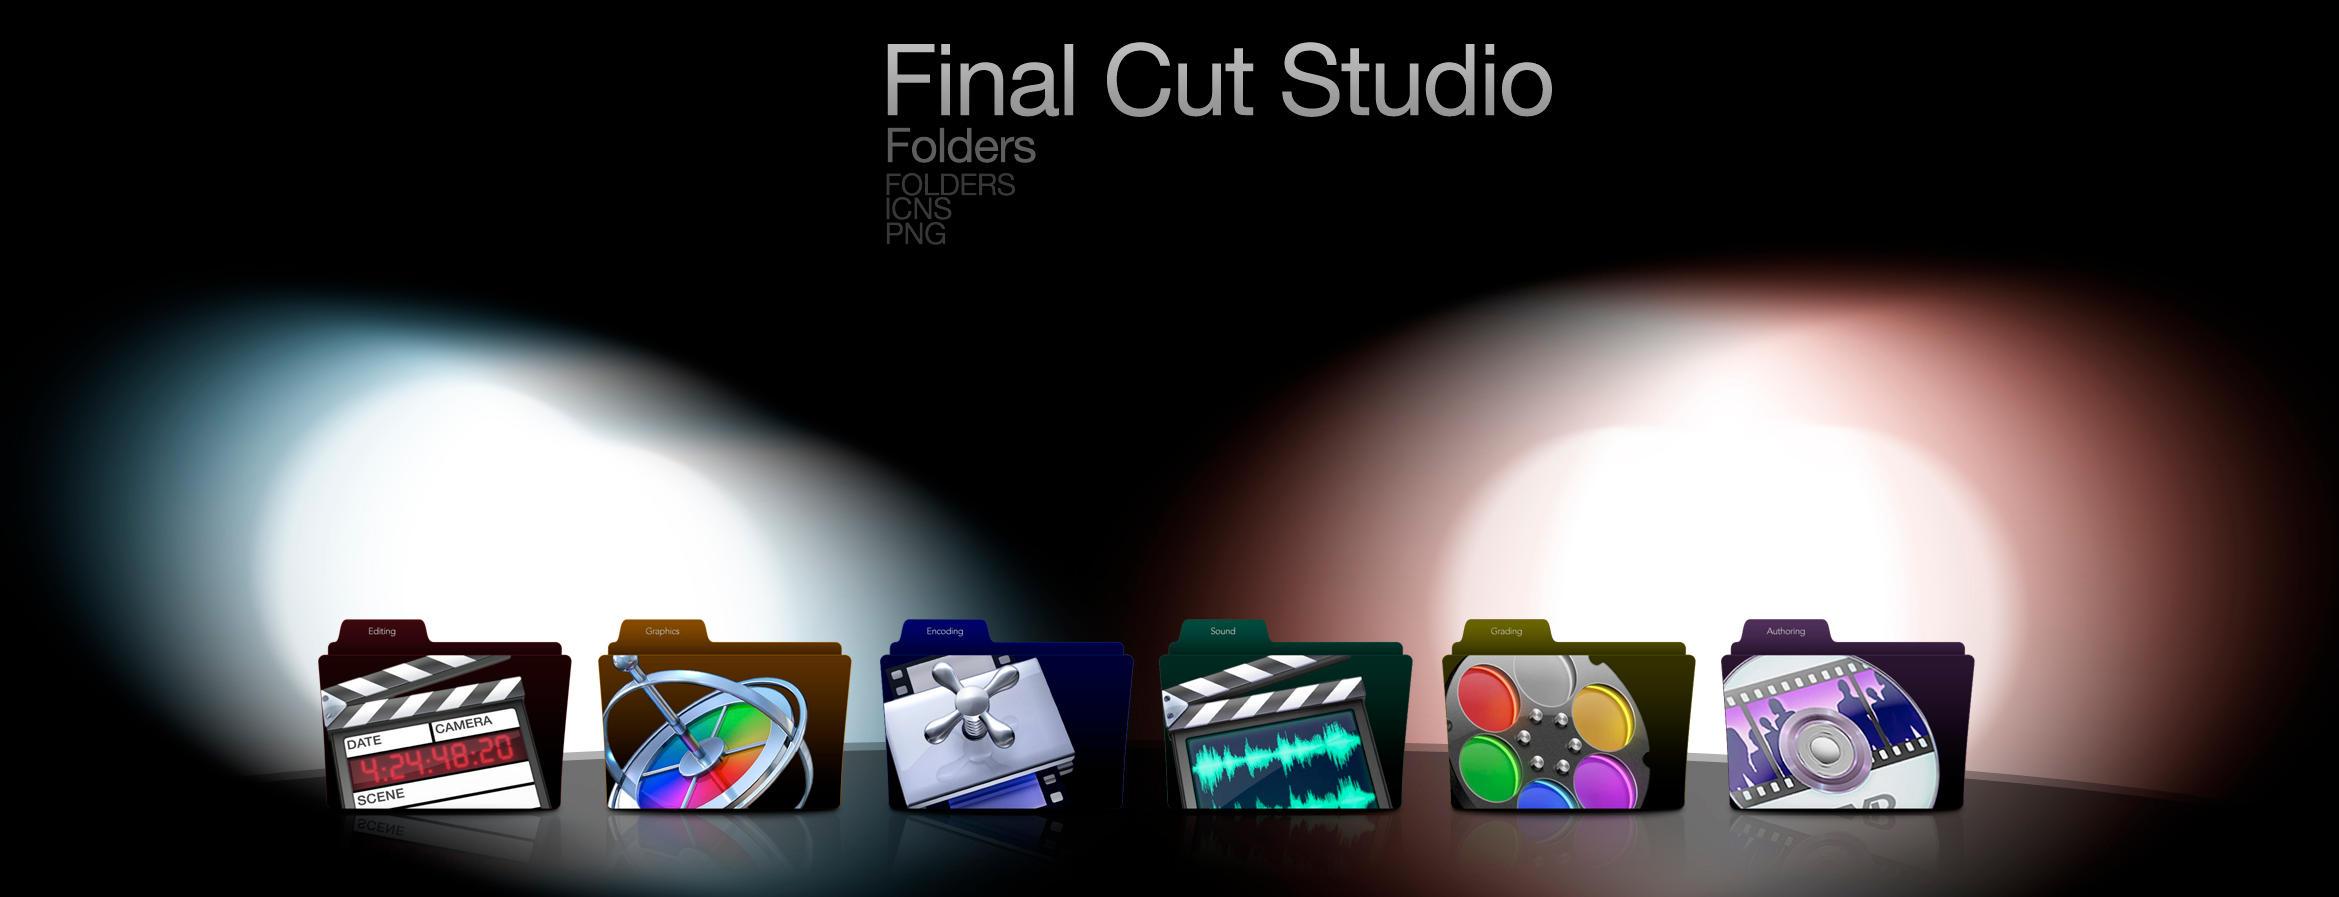 Final Cut Studio Folders Set by wurstgott